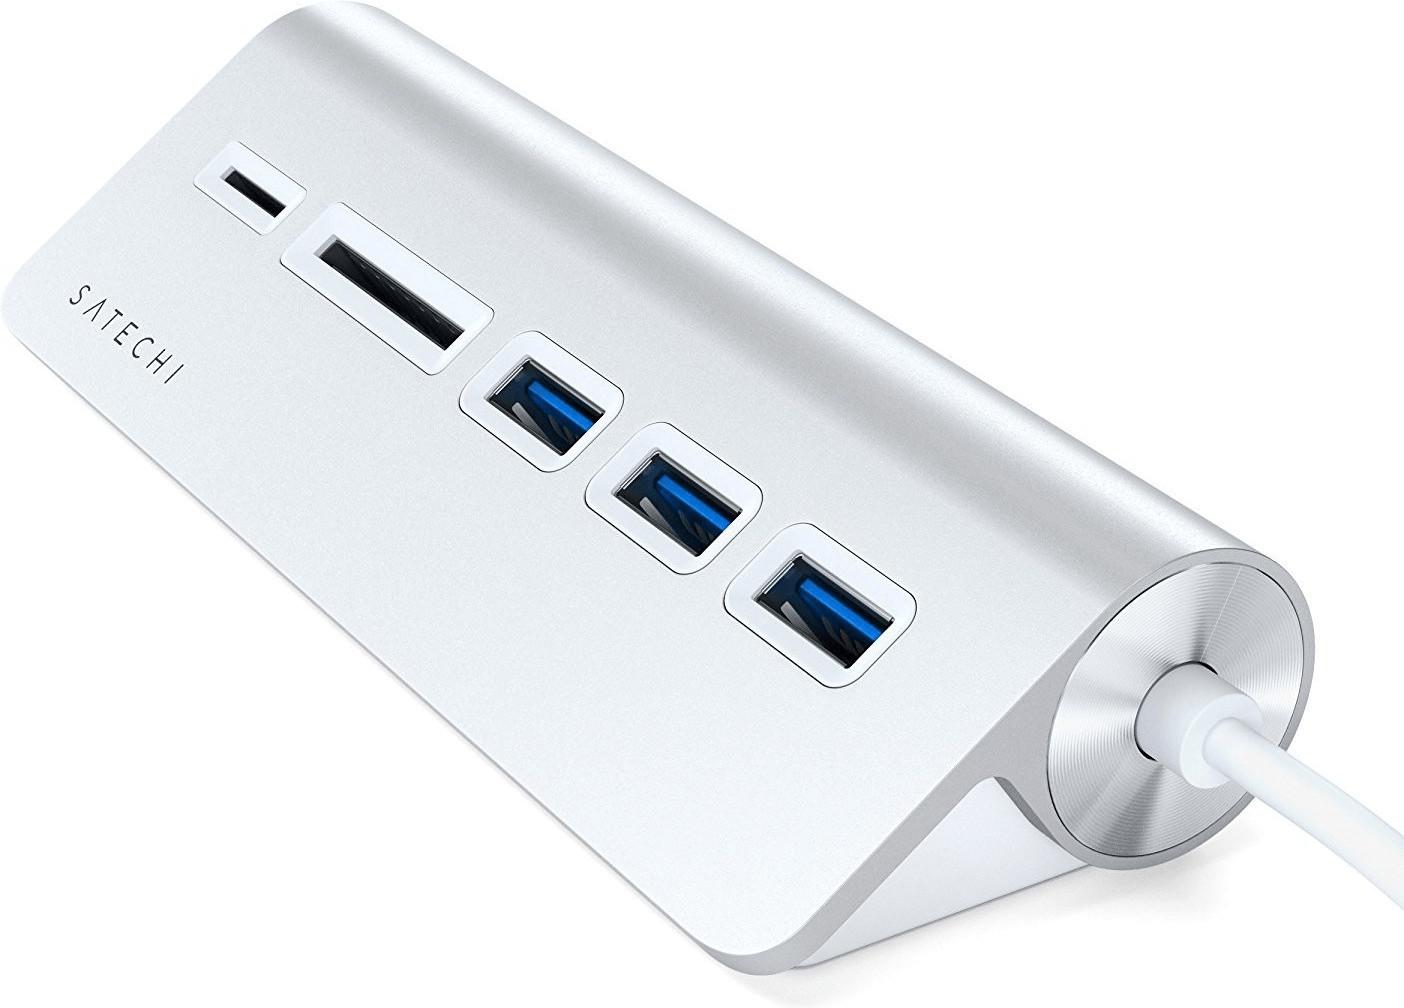 #Satechi 3 Port USB 3.0 Hub (ST-TCHCRS)#